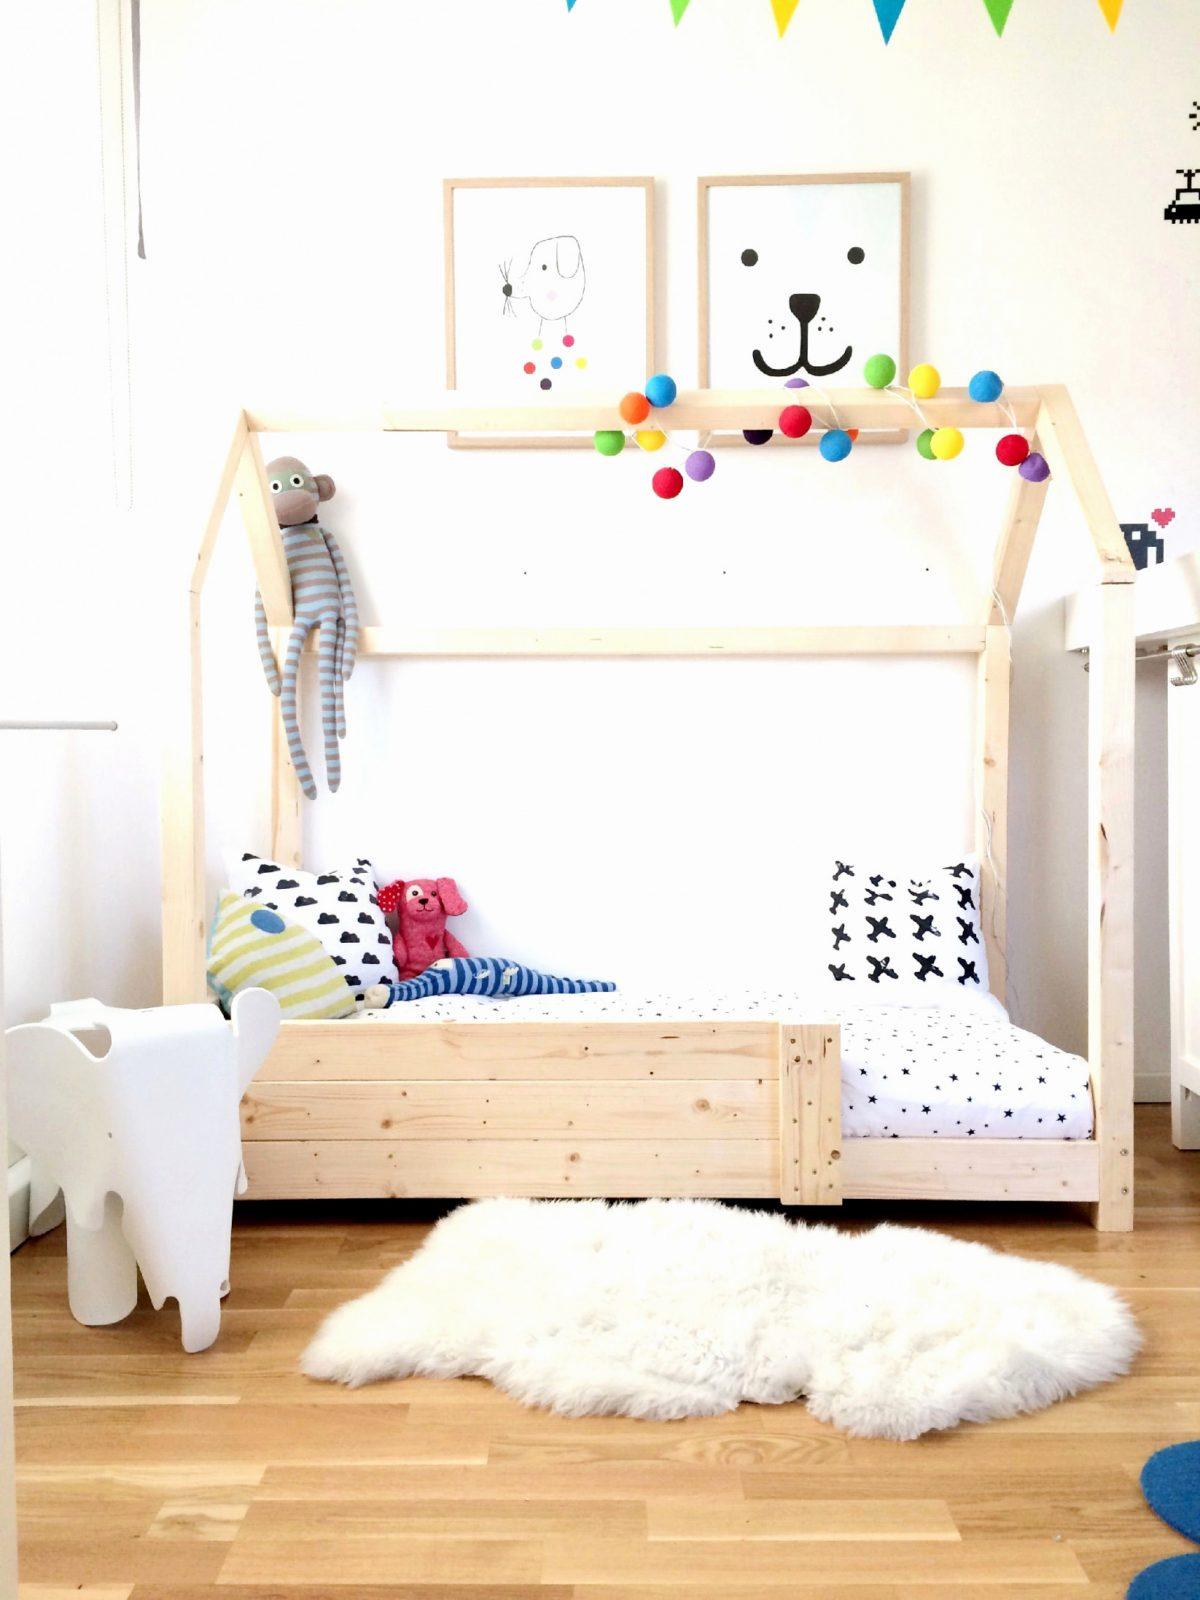 Deko Babyzimmer Junge Luxus Zimmer Deko Baby Junge von Baby Dekoration Zimmer Bild